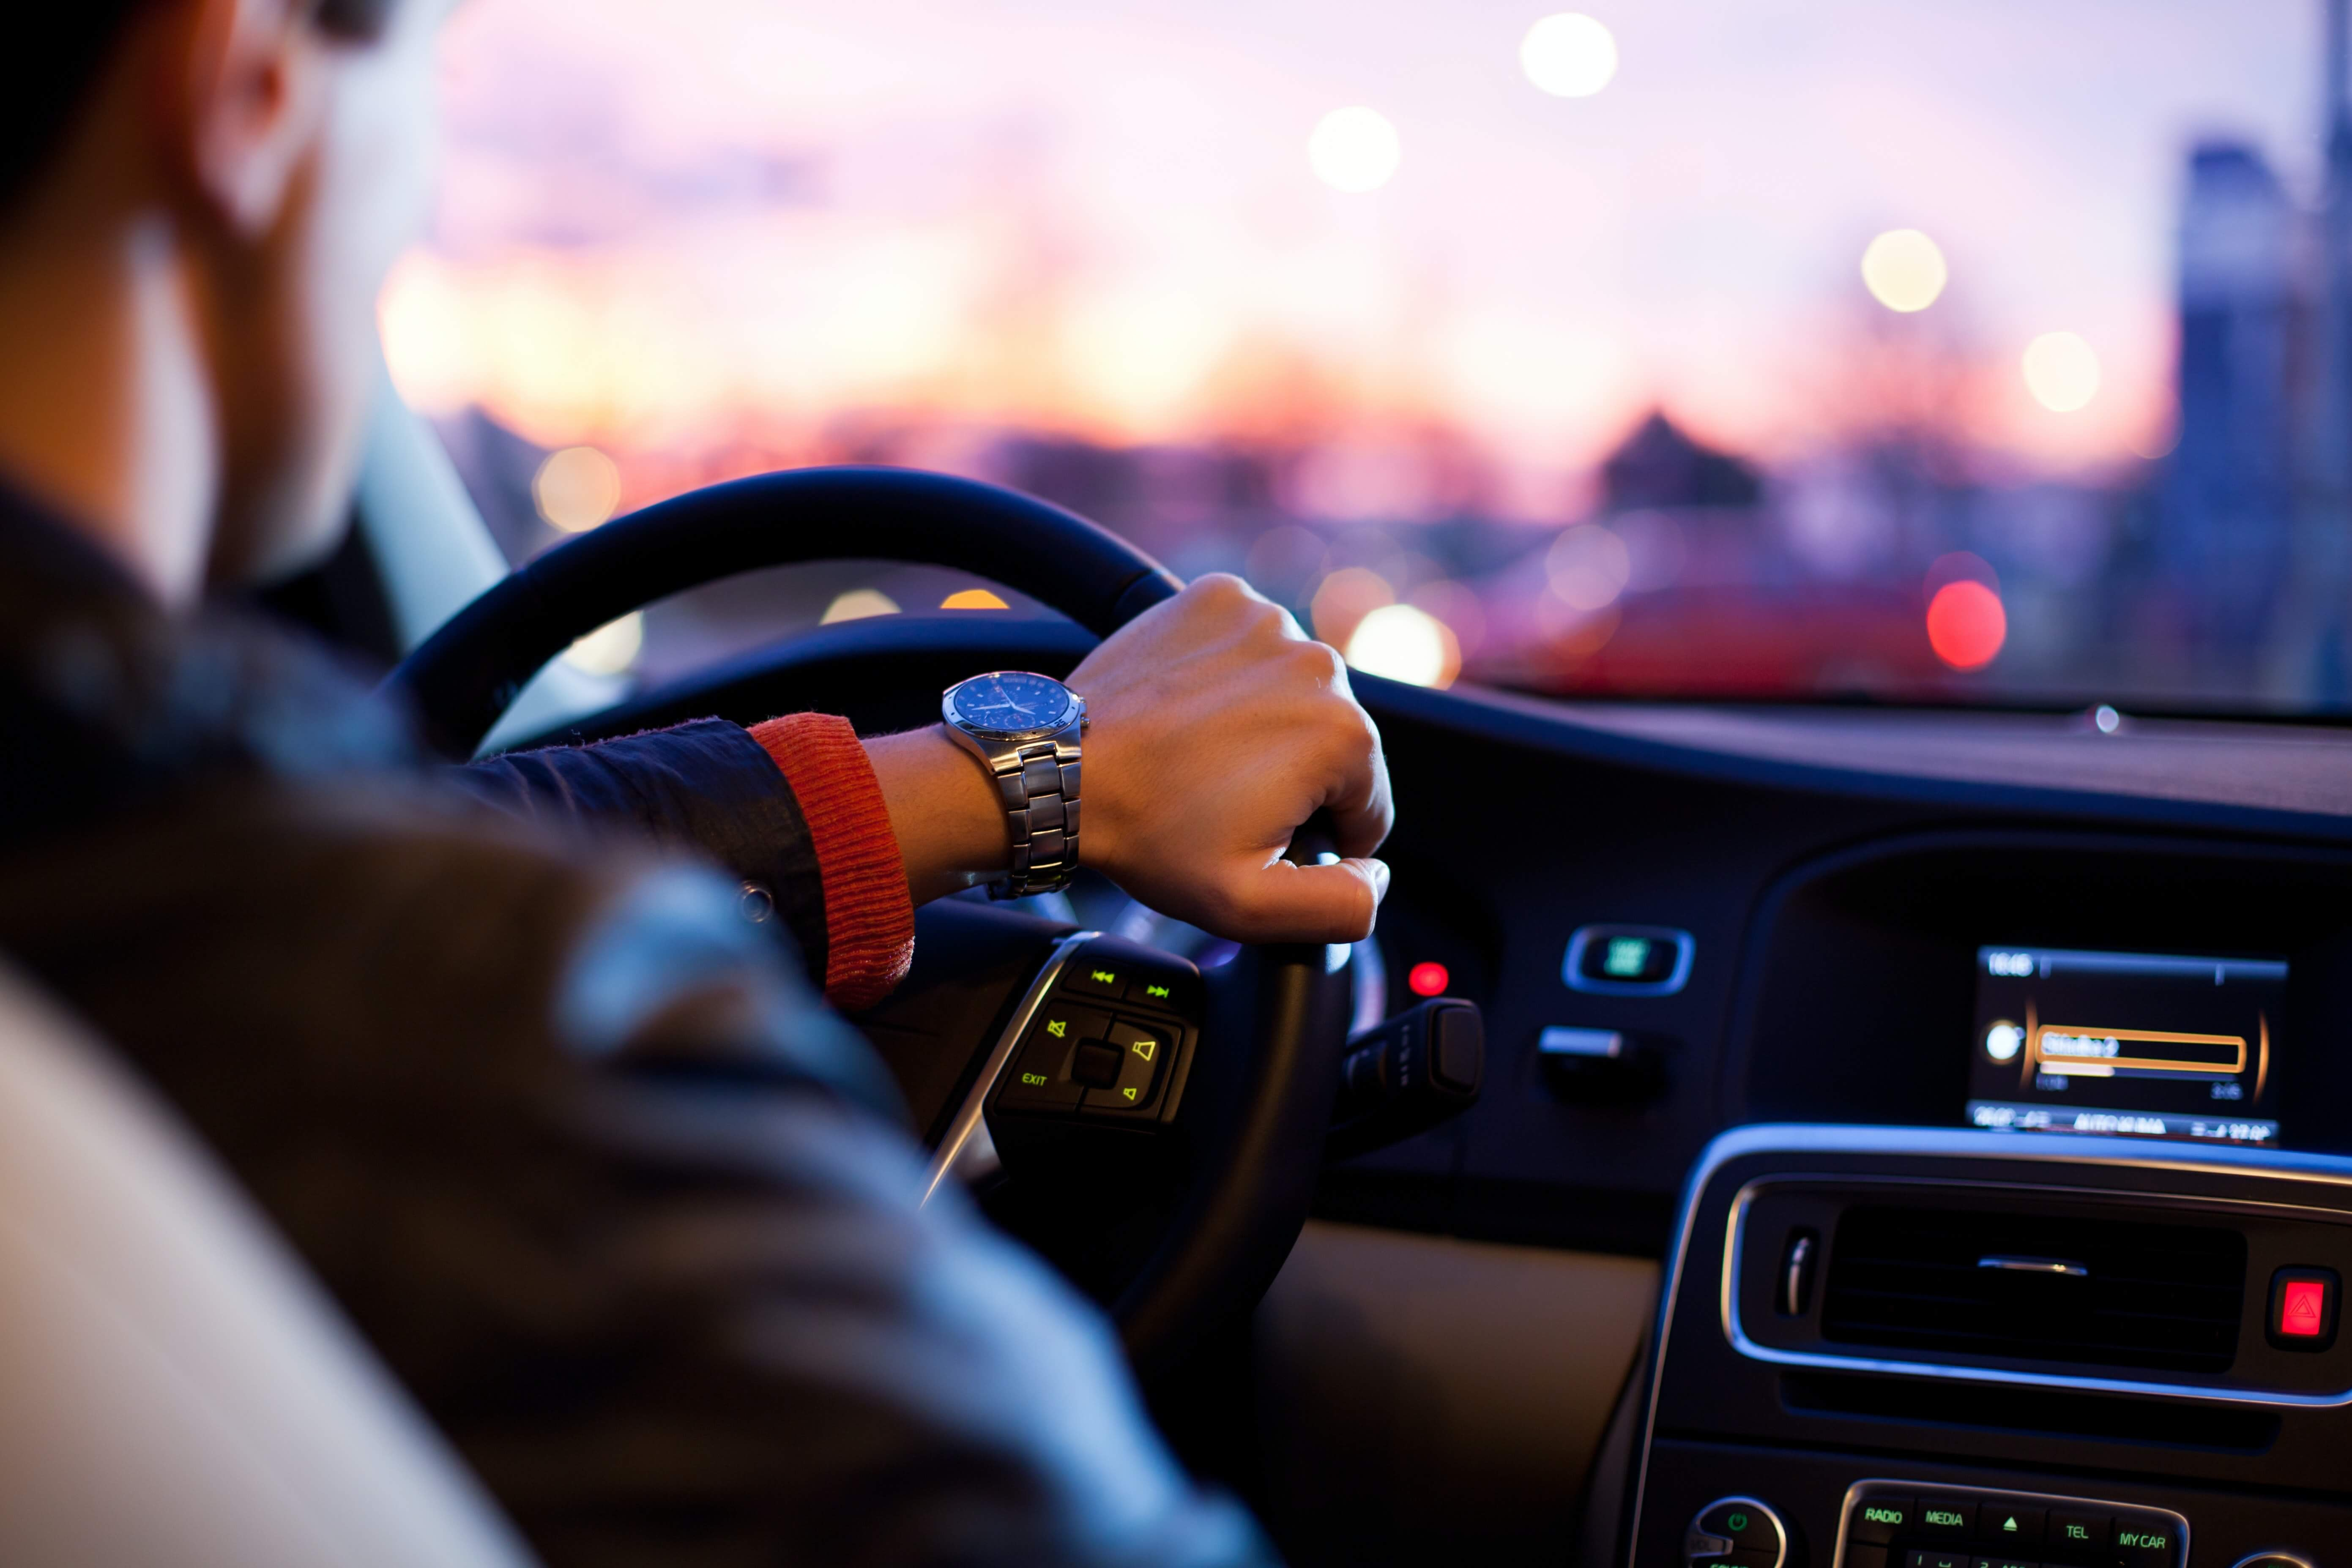 condutor a conduzir um veiculo